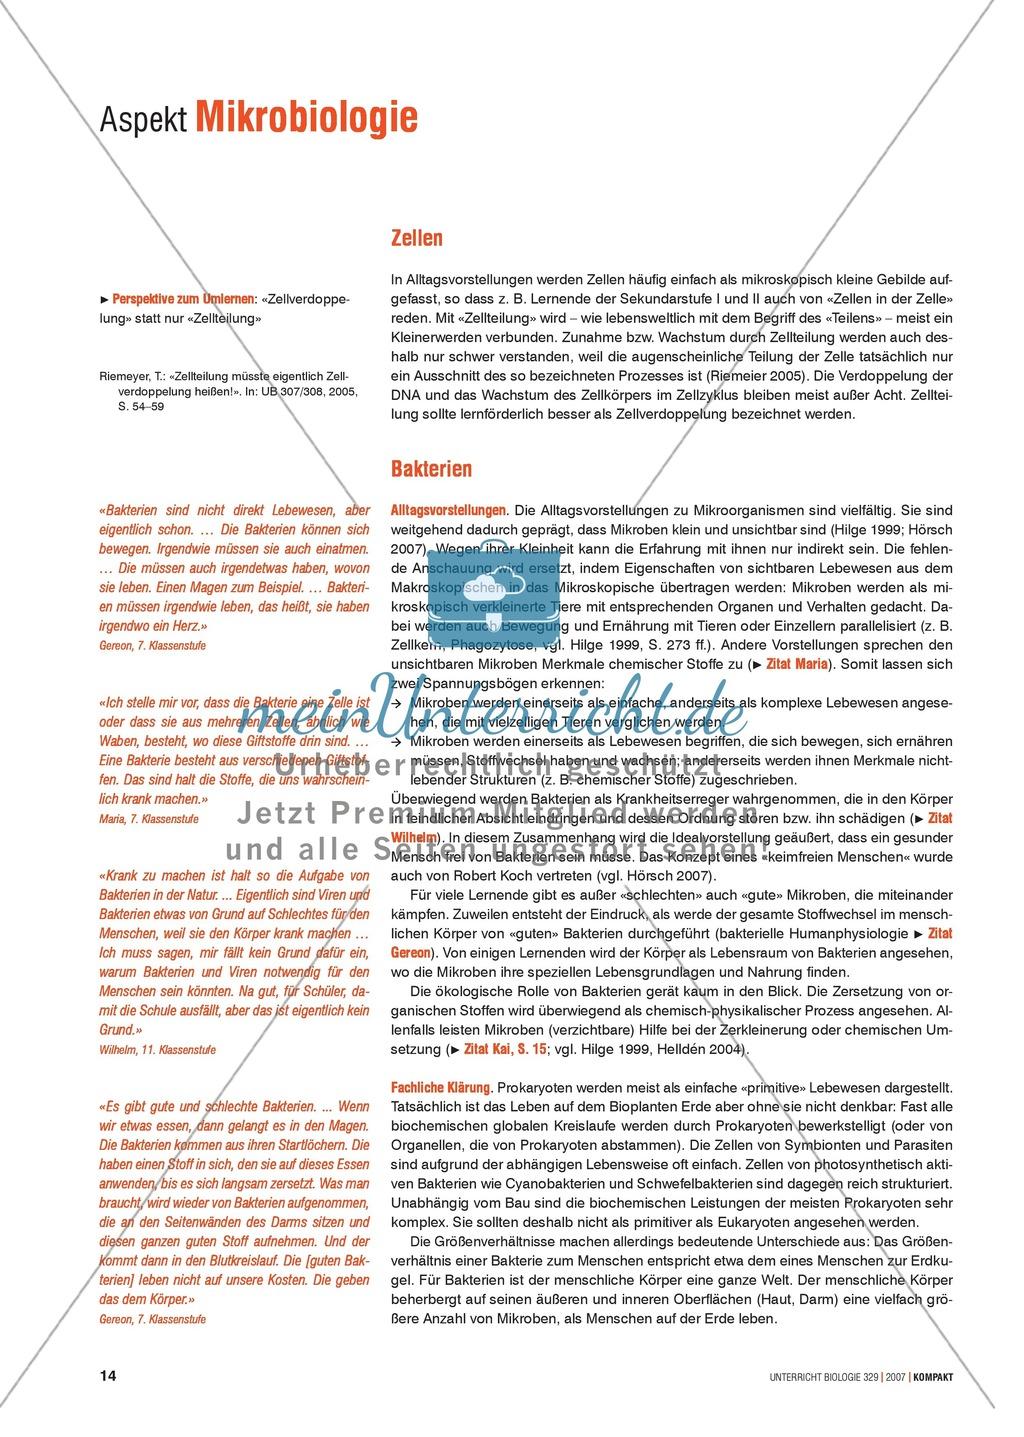 Alltagsvorstellungen zur Mikrobiologie - Zellen und Bakterien: Info ...